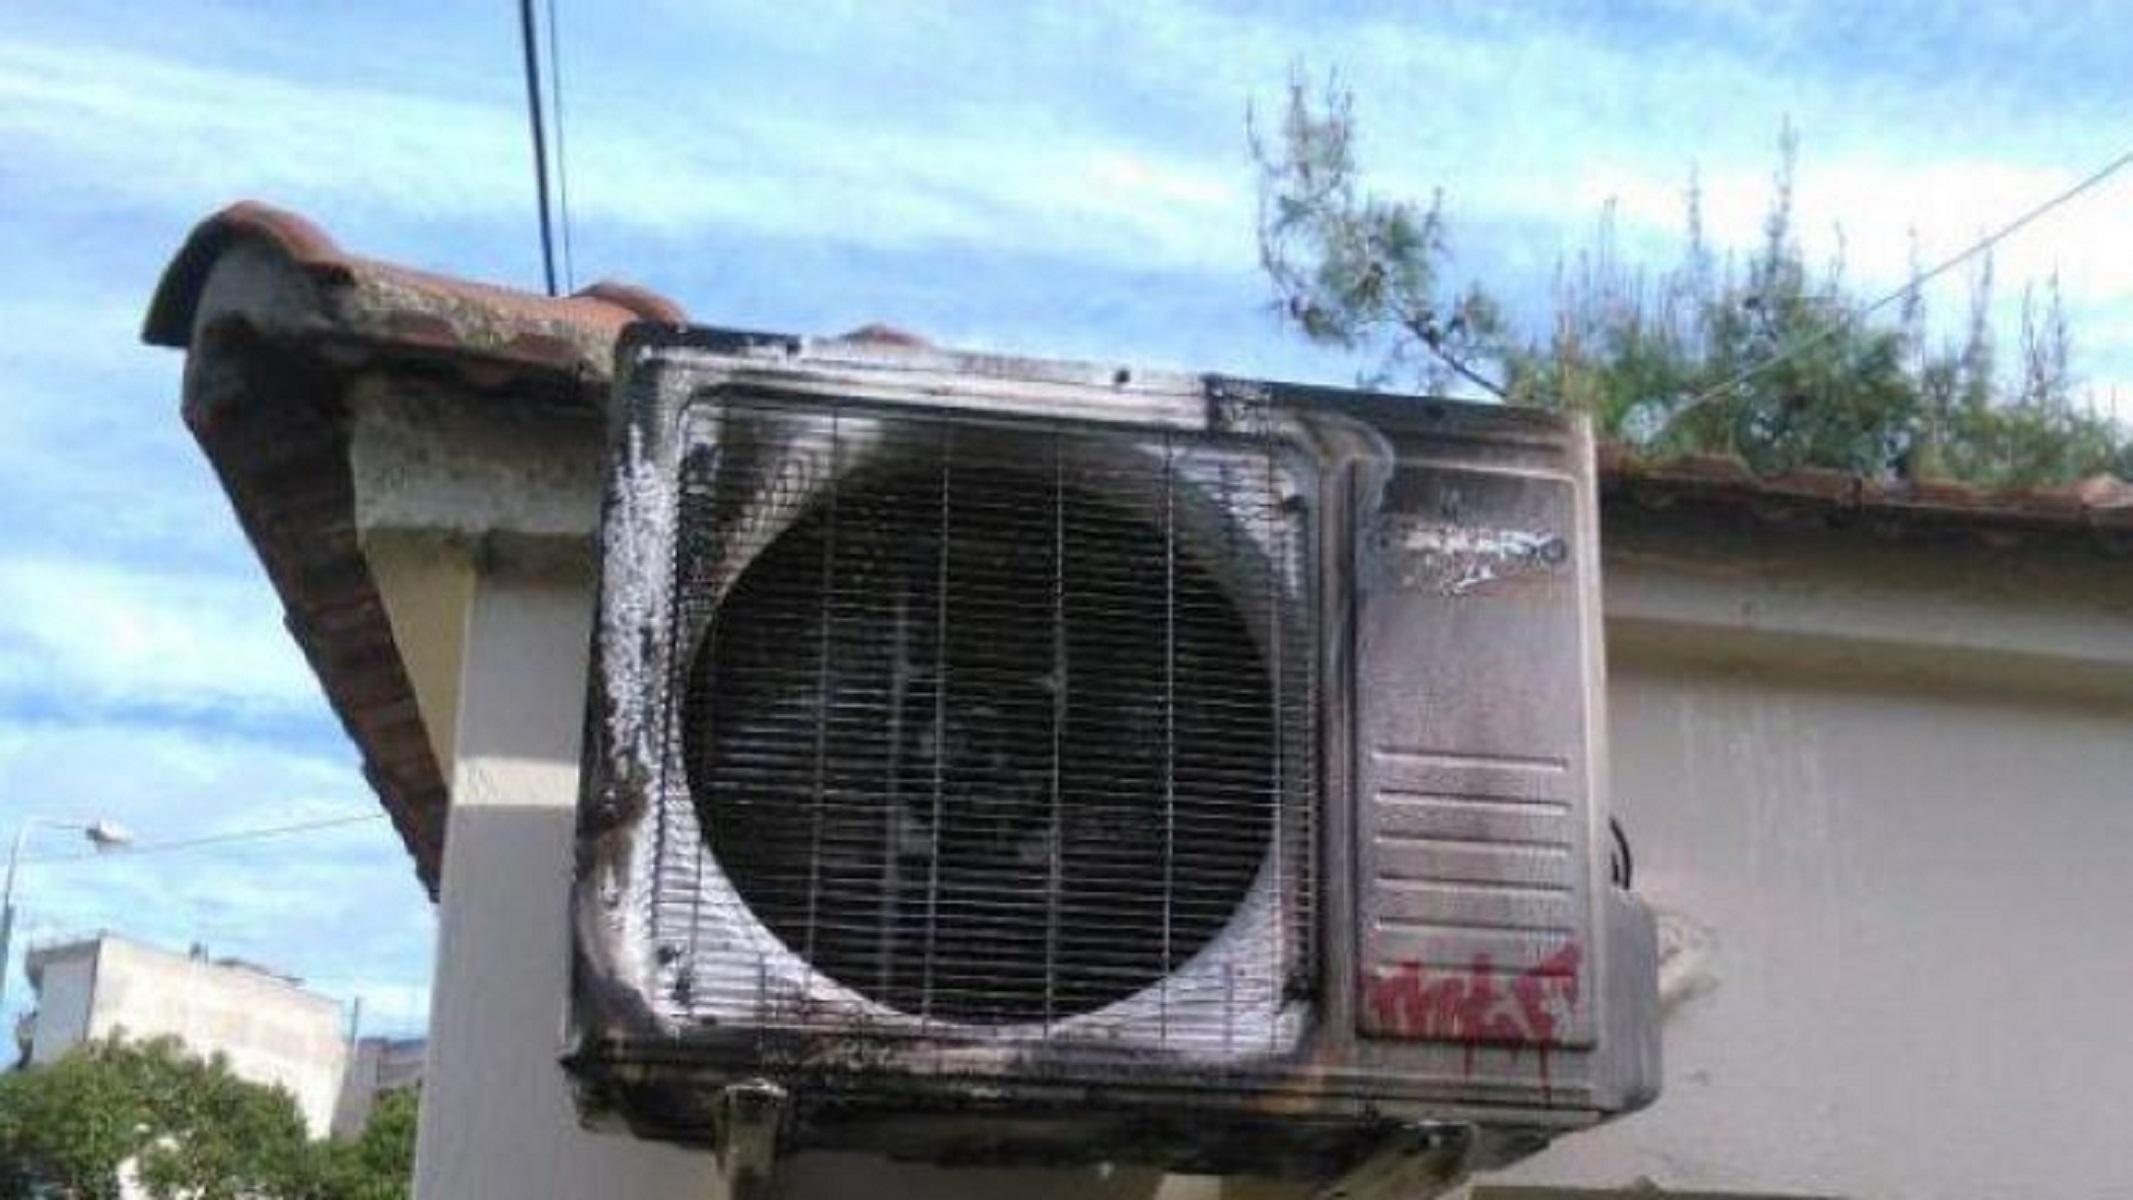 Τα κλιματιστικά πήραν φωτιά στην… κυριολεξία! Στο πόδι όλη η γειτονιά στον Άγιο Νικόλαο